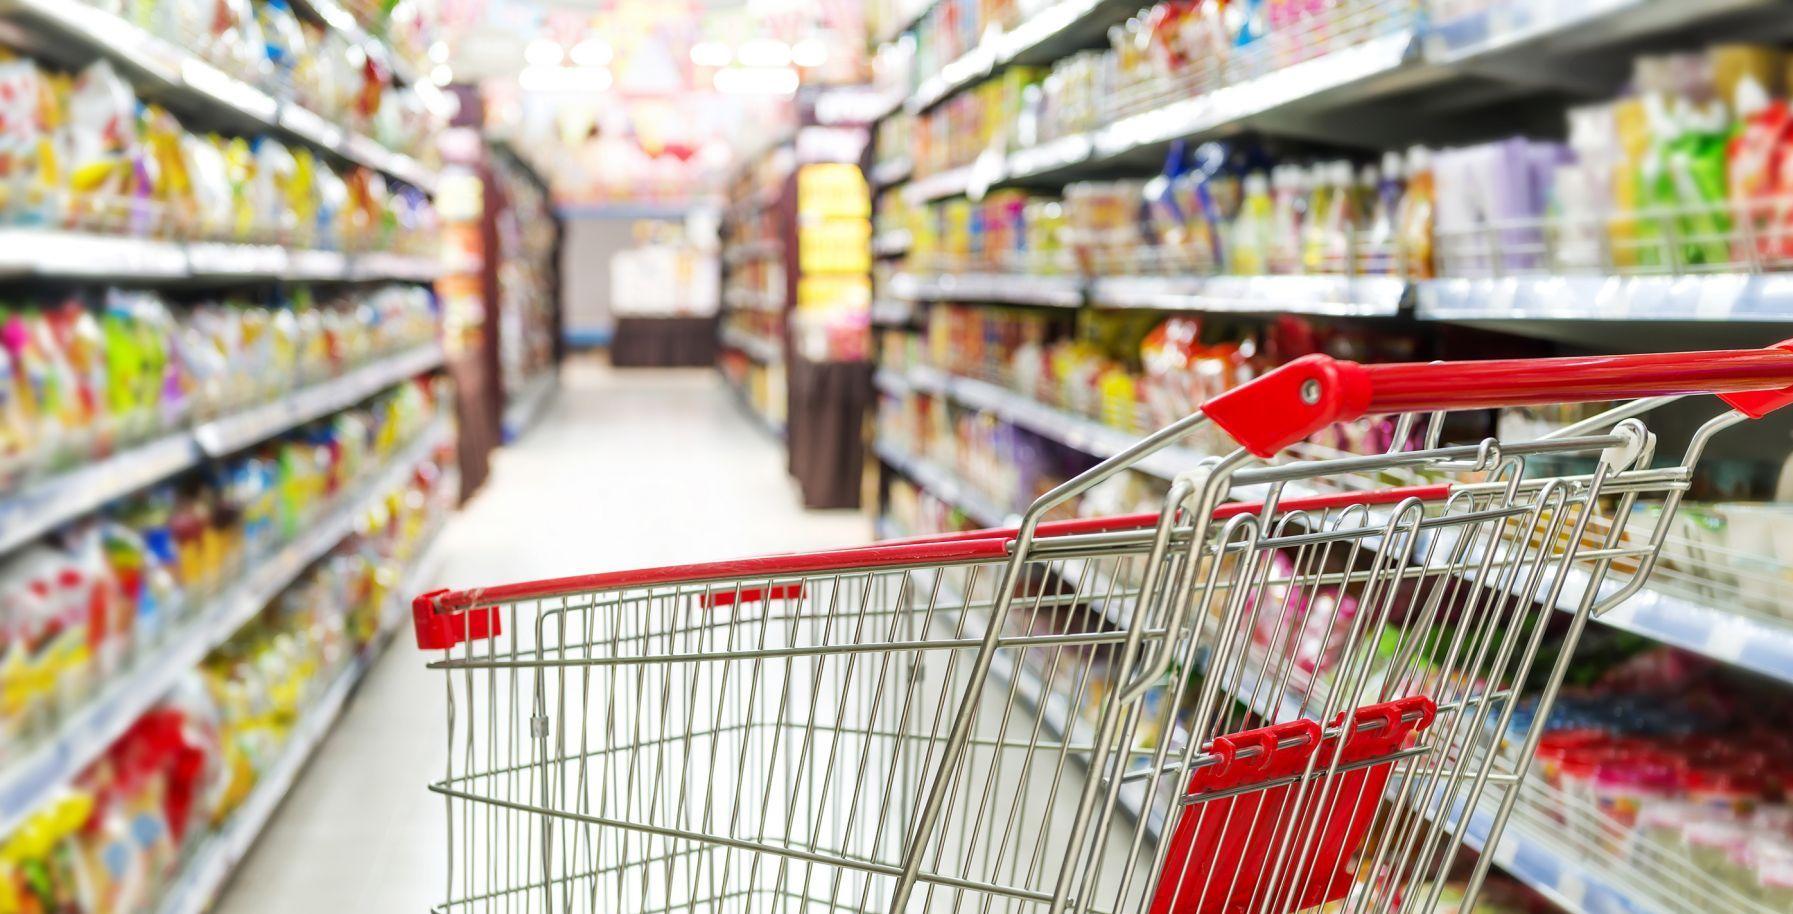 為什麼衛生紙喊漲 竟造成全台恐慌性搶購?